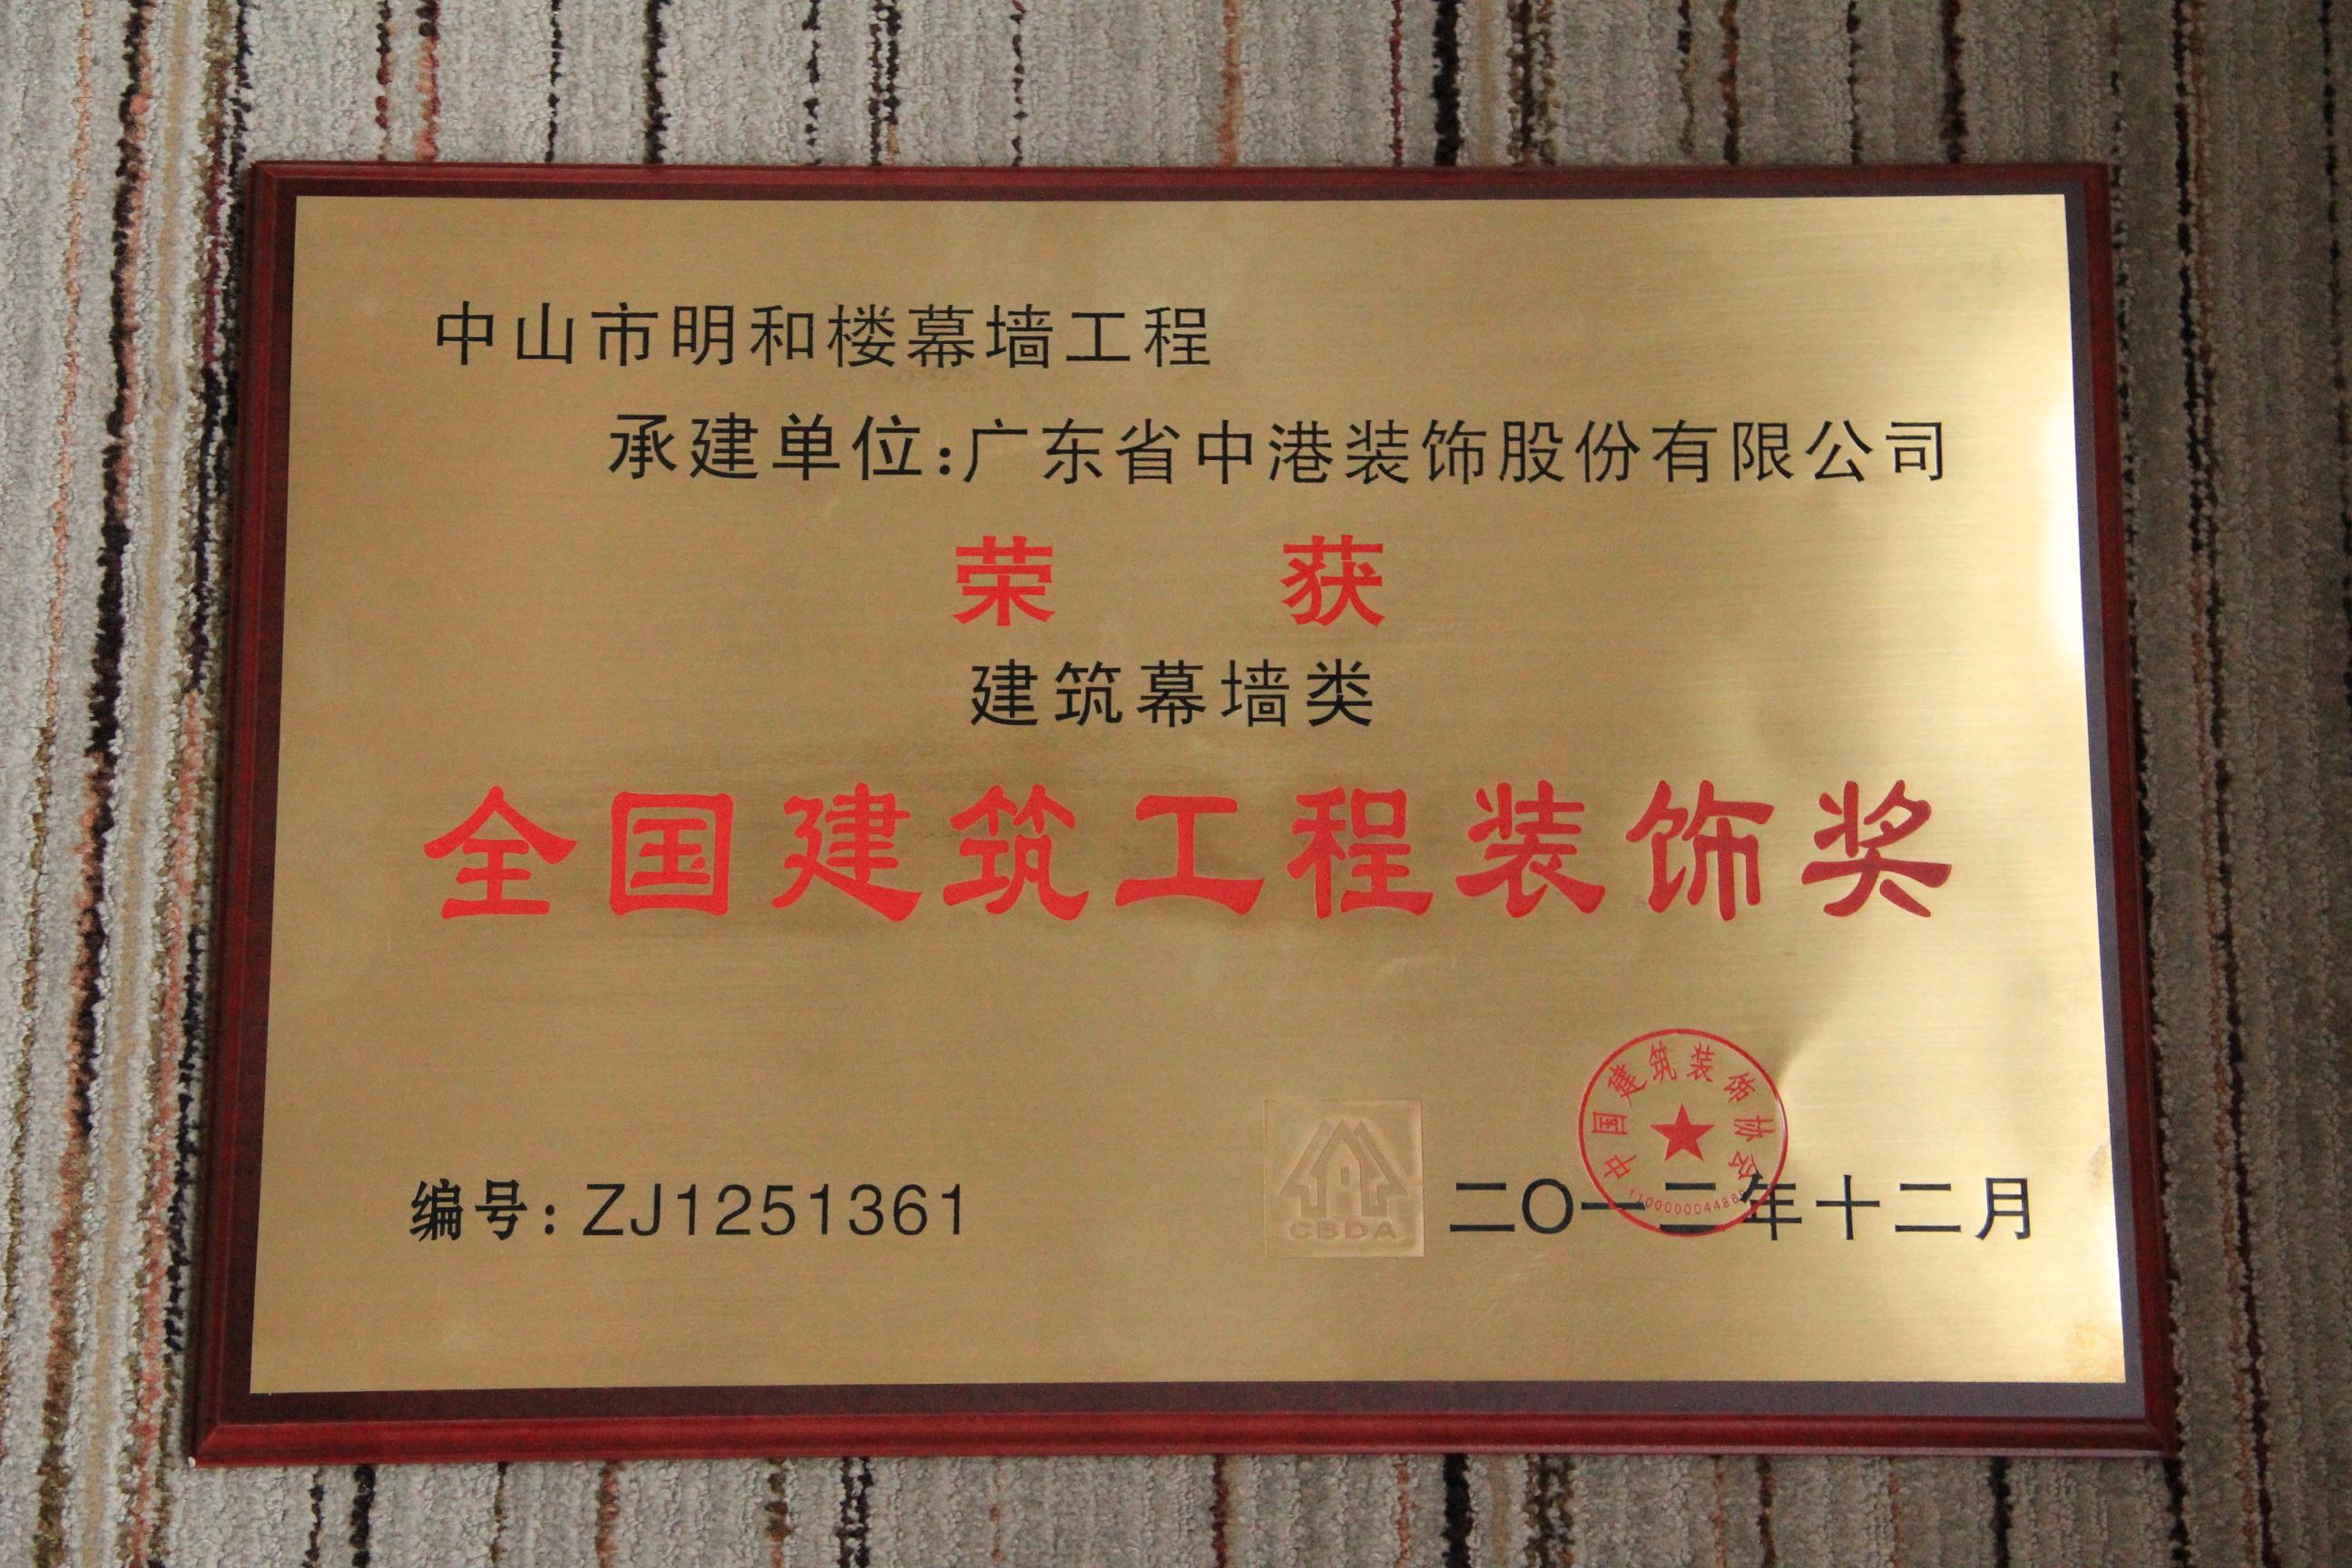 全(quan)國(guo)建築工程(cheng)裝飾獎(幕牆類(lei))